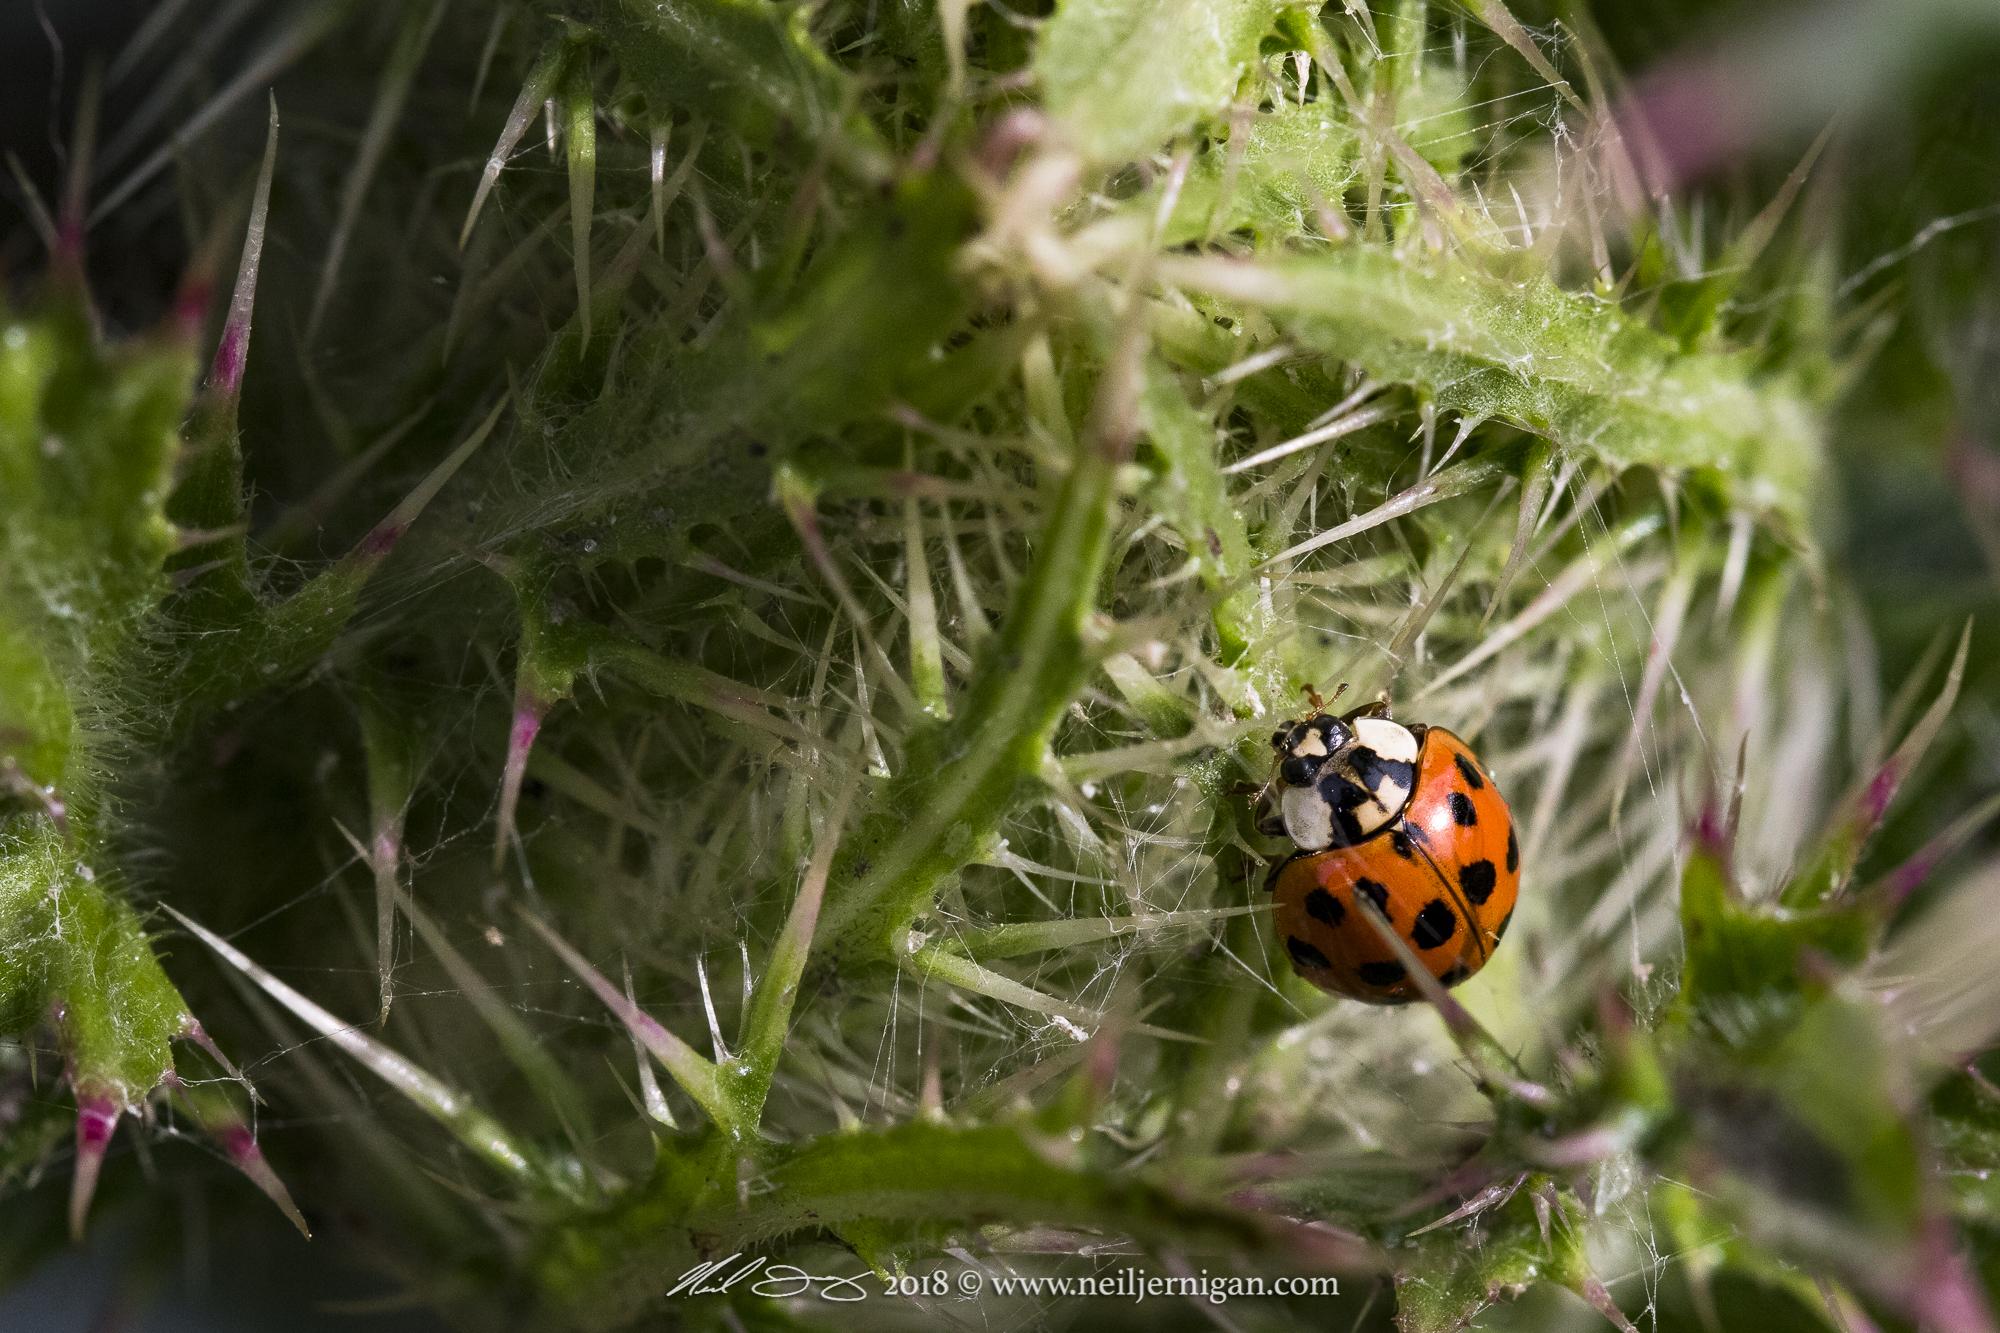 Ladybug on thisil